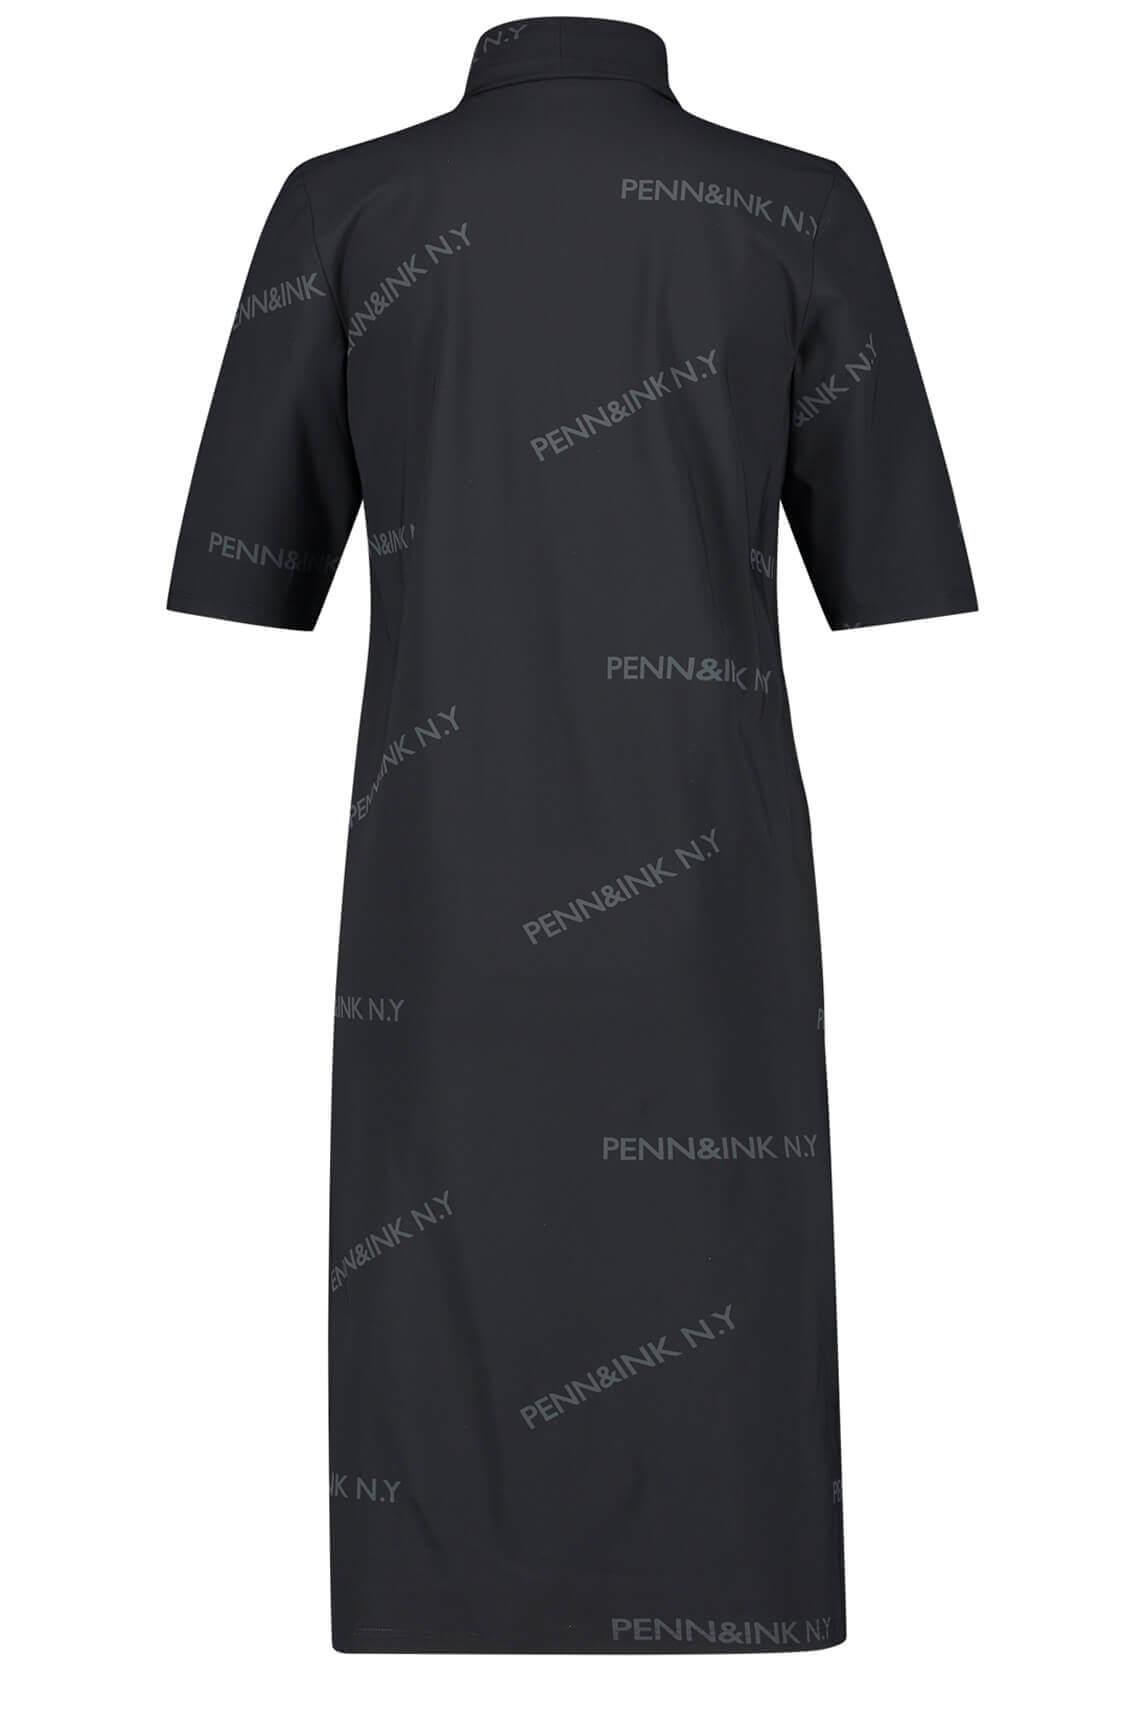 Penn & Ink Dames Jurk met tekstprint zwart